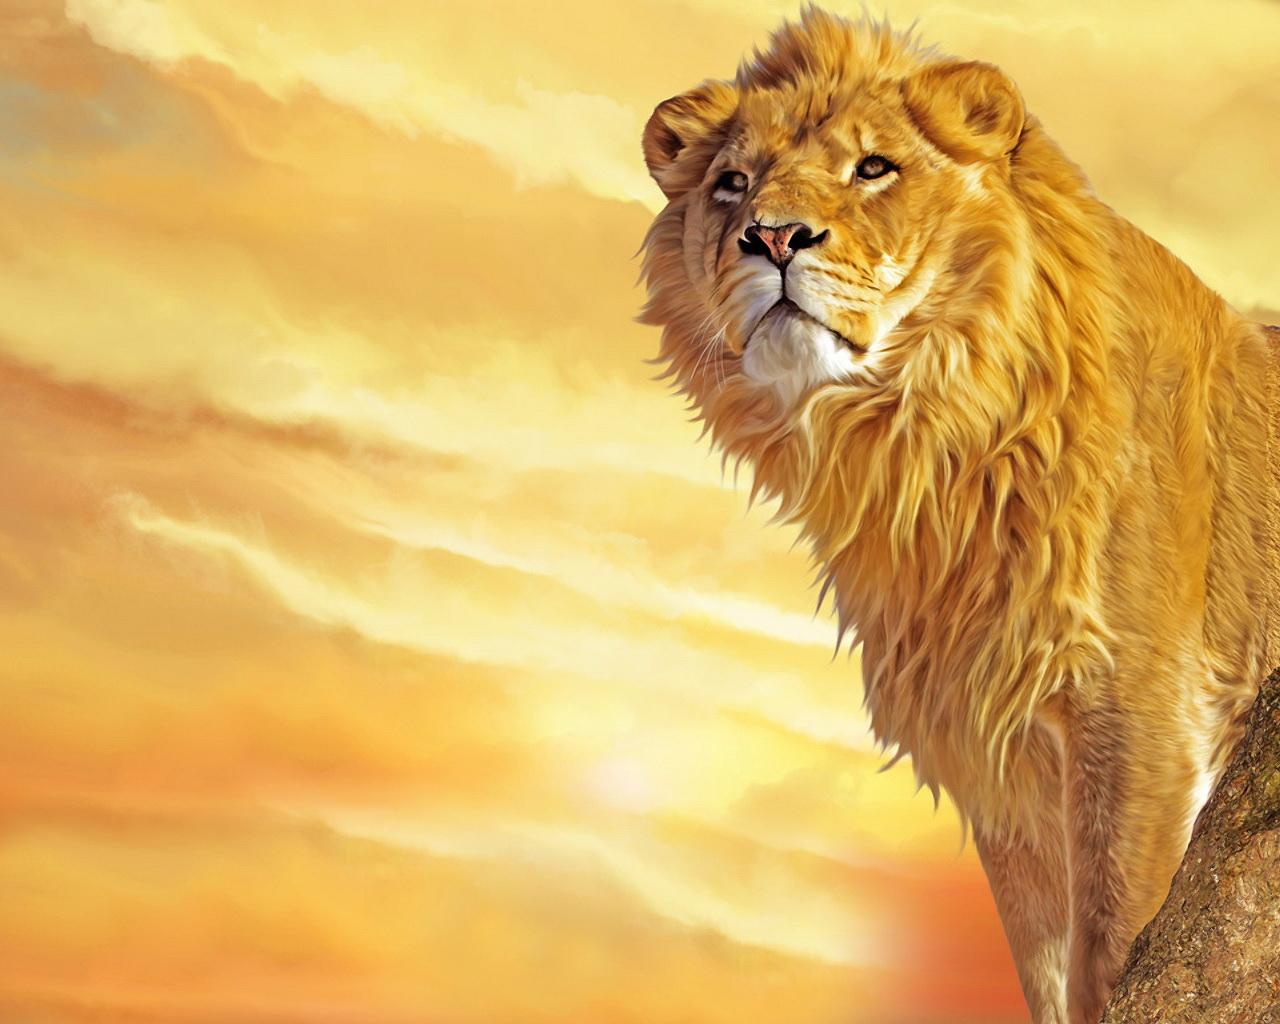 http://4.bp.blogspot.com/-T4qT__OzOvY/Ty-bUBvi7MI/AAAAAAAAEi0/We2CxVJAplw/s1600/lion-wallpapers-hd-lion-wallpaper-00+(2).jpg